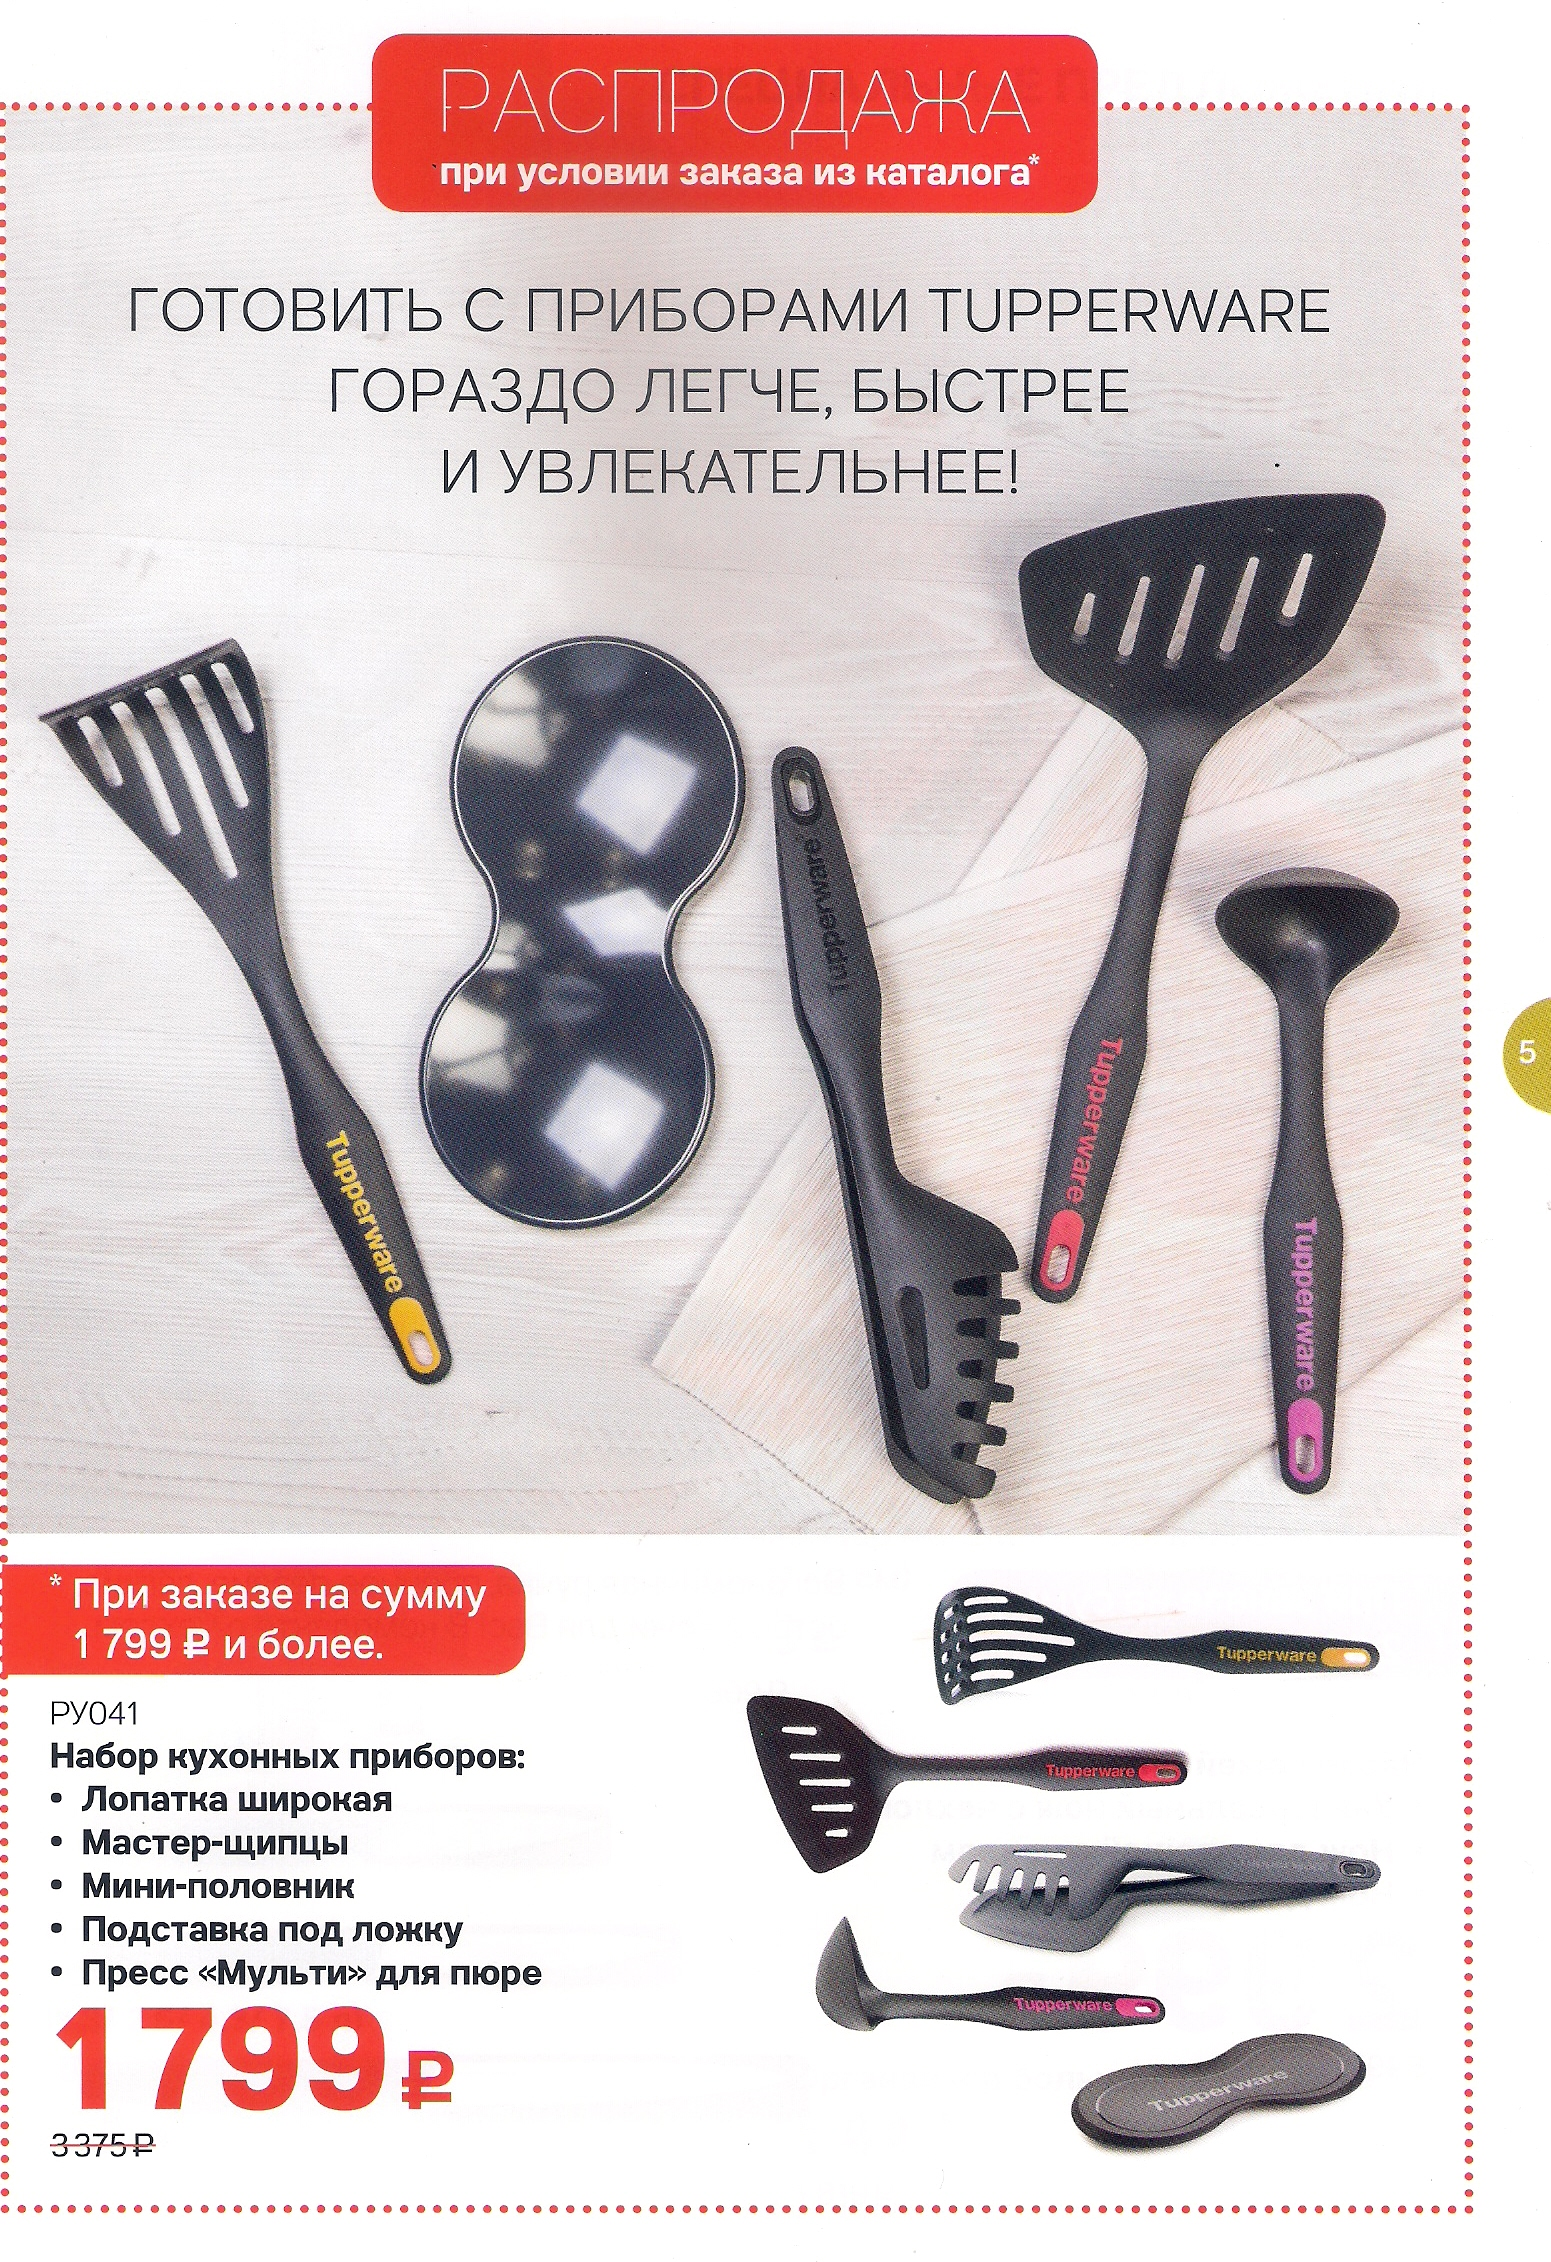 http://tupperware-online.ru/images/upload/4p.jpg